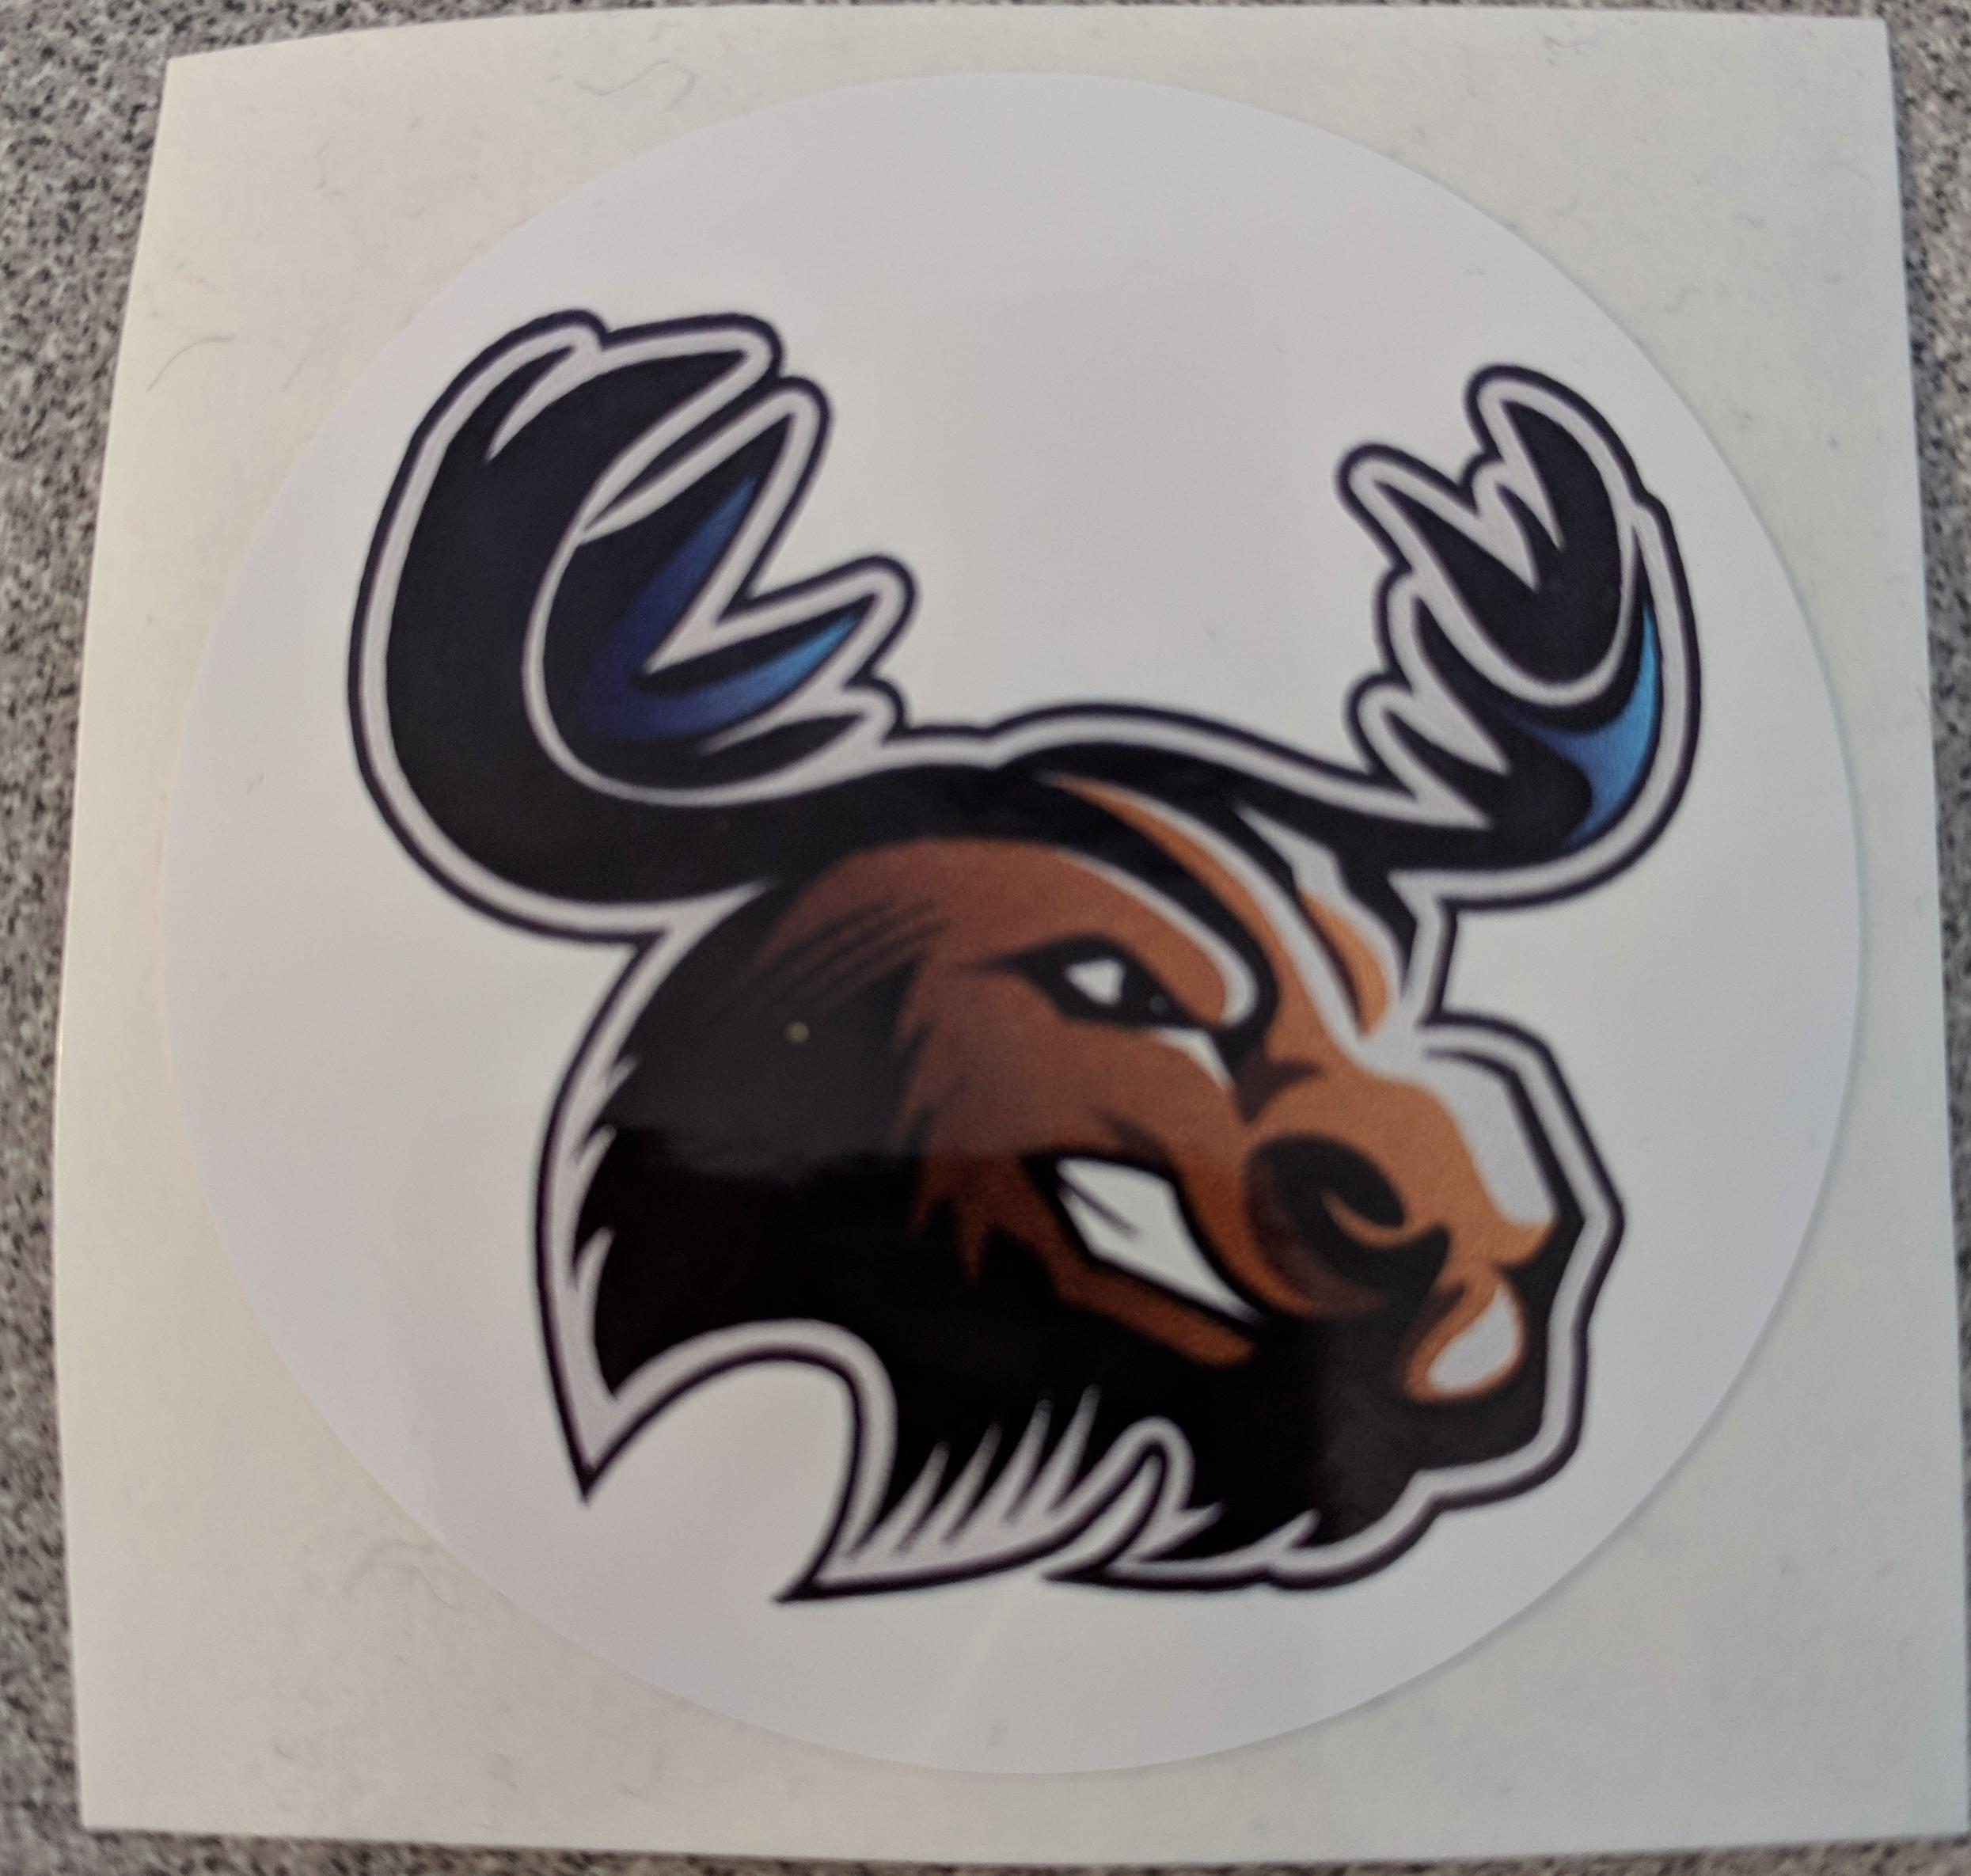 UMA moose sticker